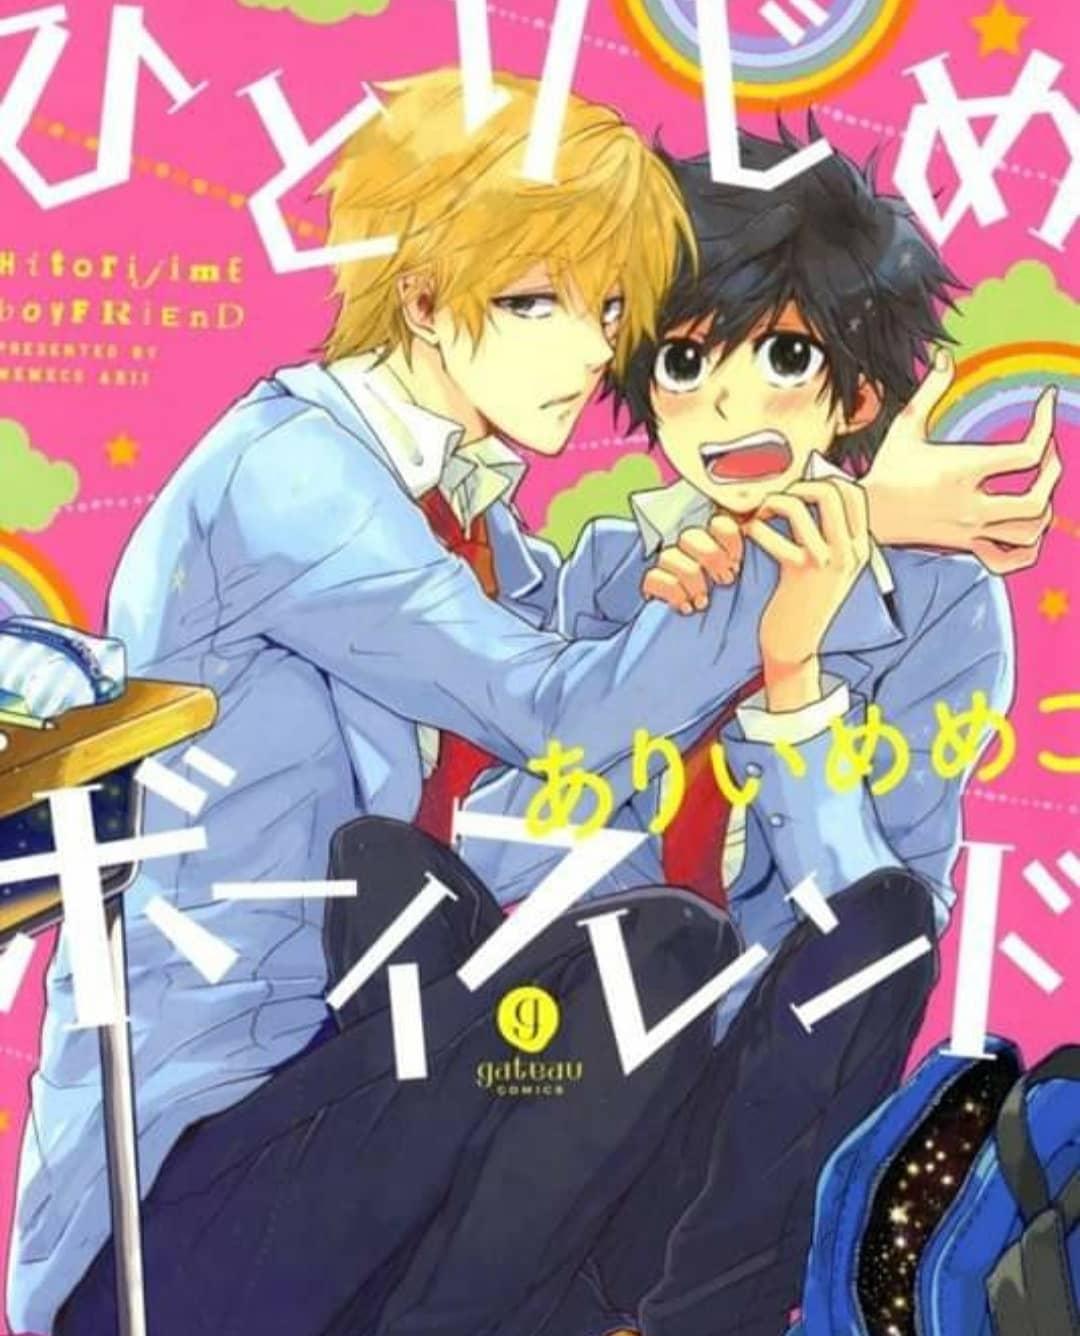 annunci star comics Hitorijime Boyfriend 28 settembre 2020